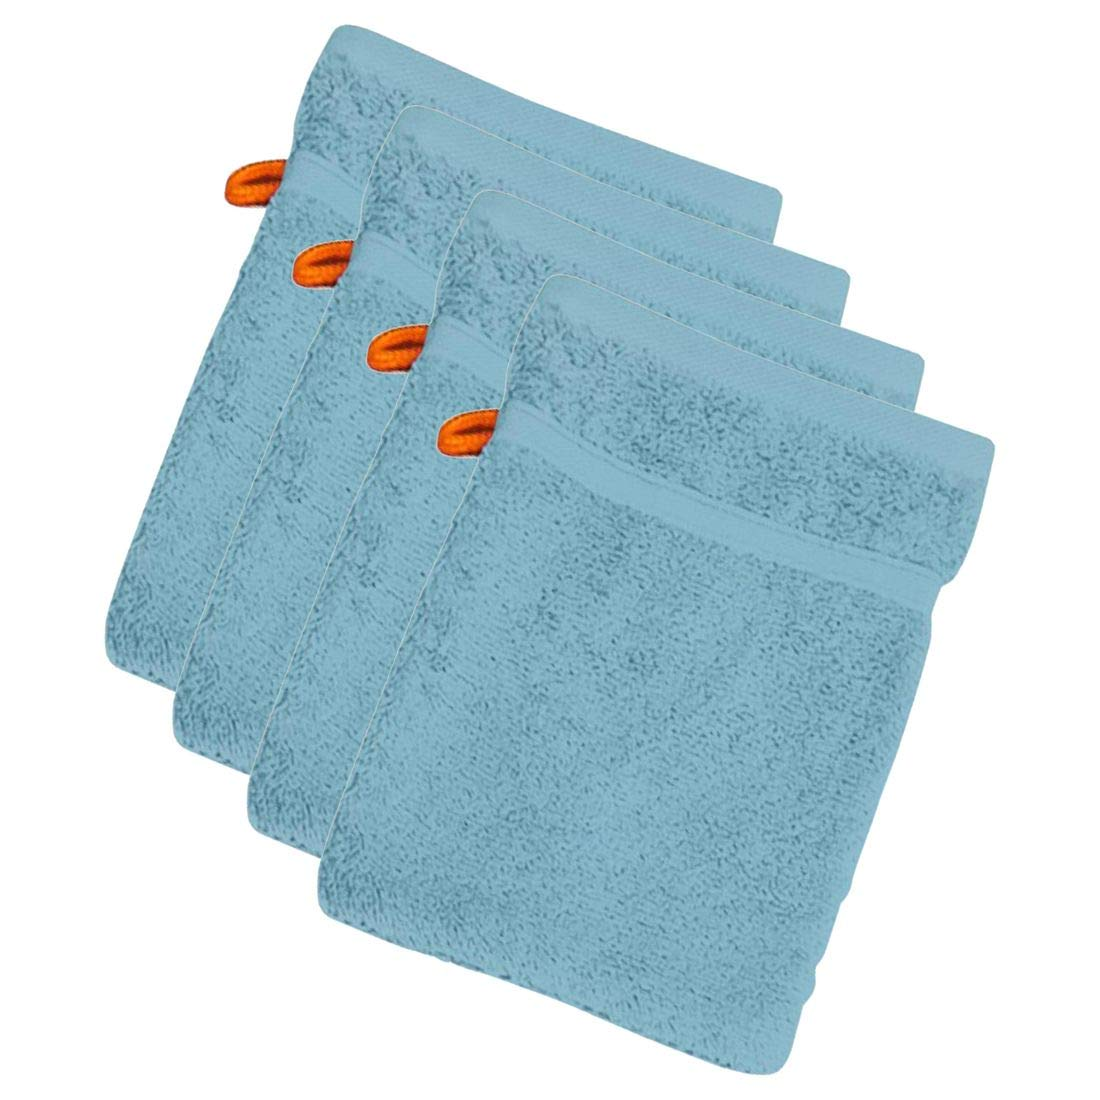 Waschhandschuh Daily 4er Set 4 St/ück Waschlappen Frottee 100/% Baumwolle 29 Farben w/ählbar Farbe:Blue